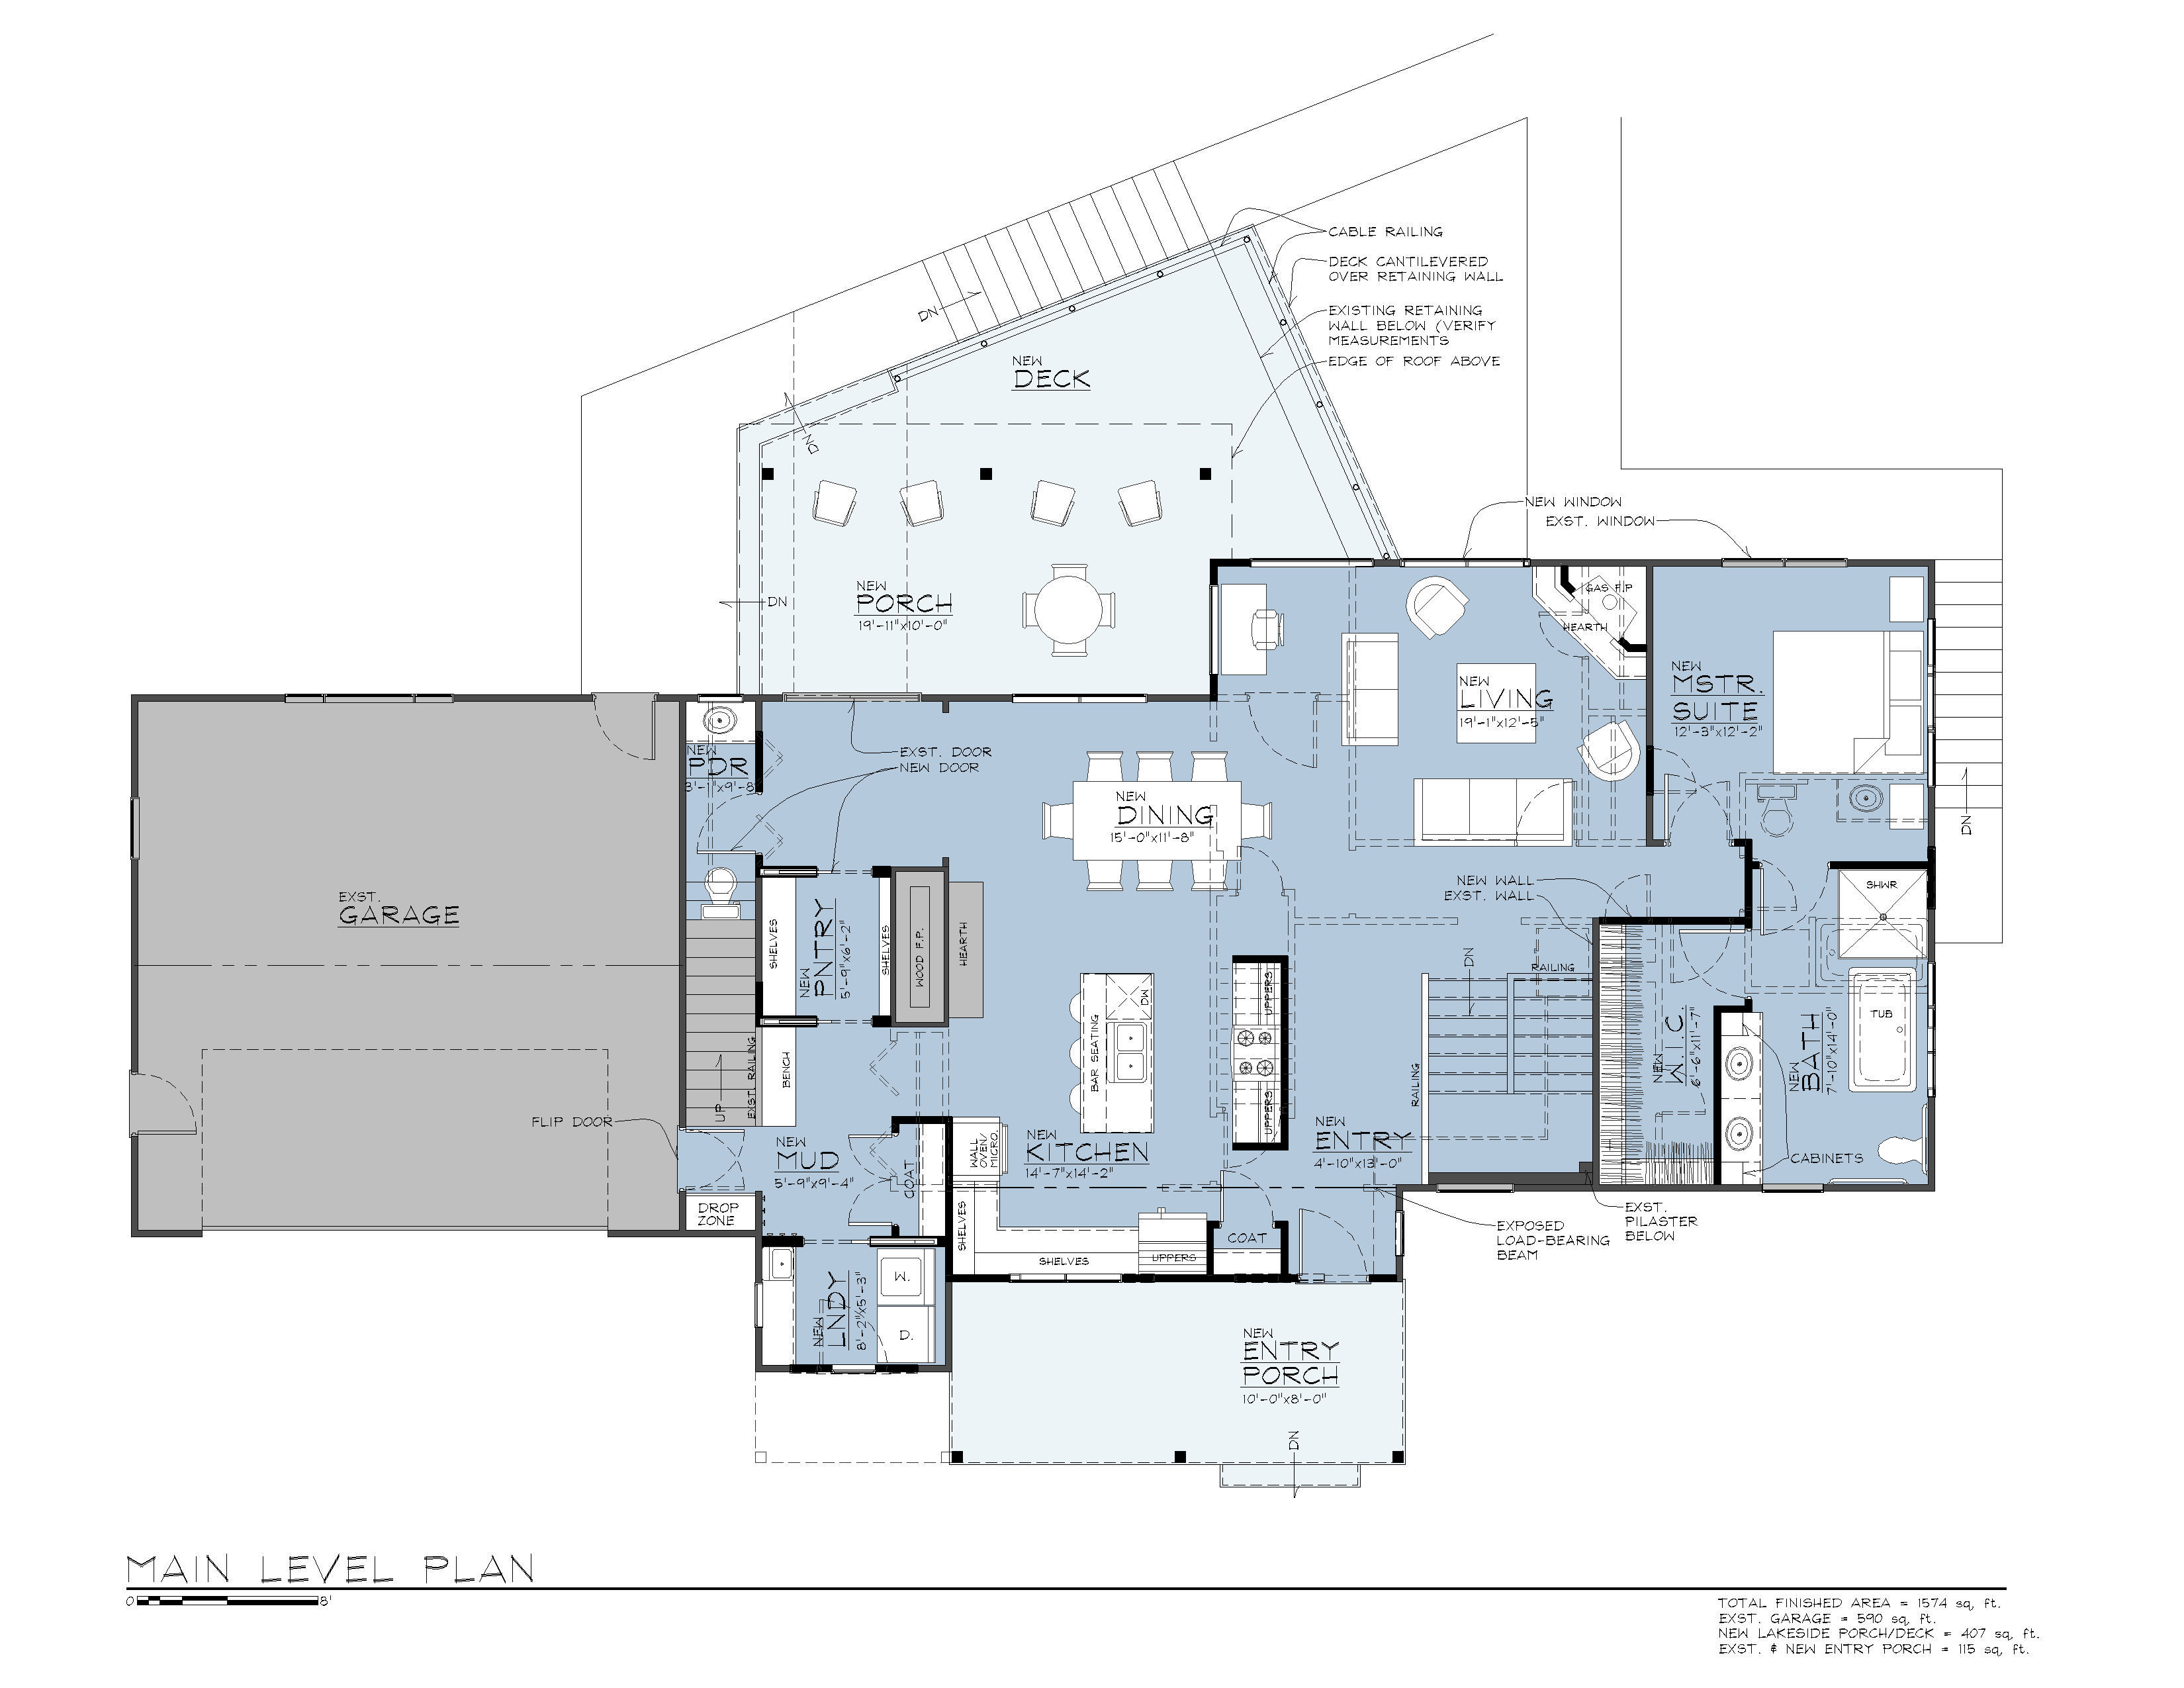 terhune floor plan - this one